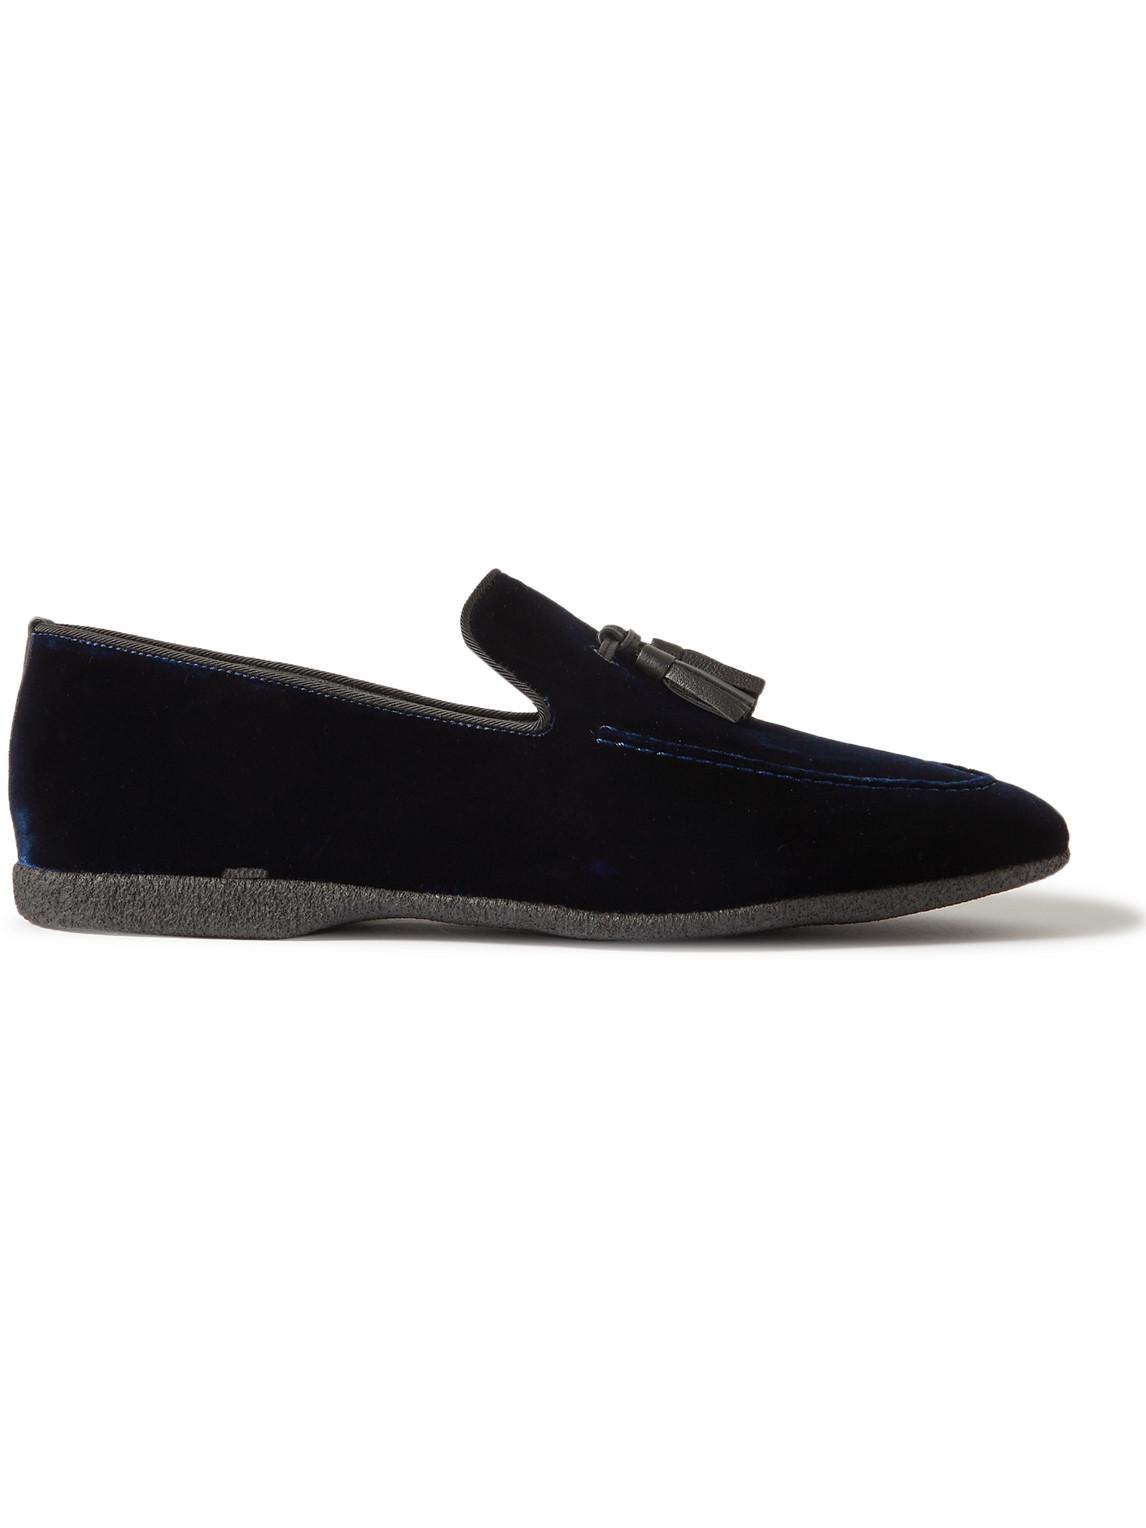 paul stuart - hope leather and grosgrain-trimmed velvet tasselled slippers - men - blue - 41